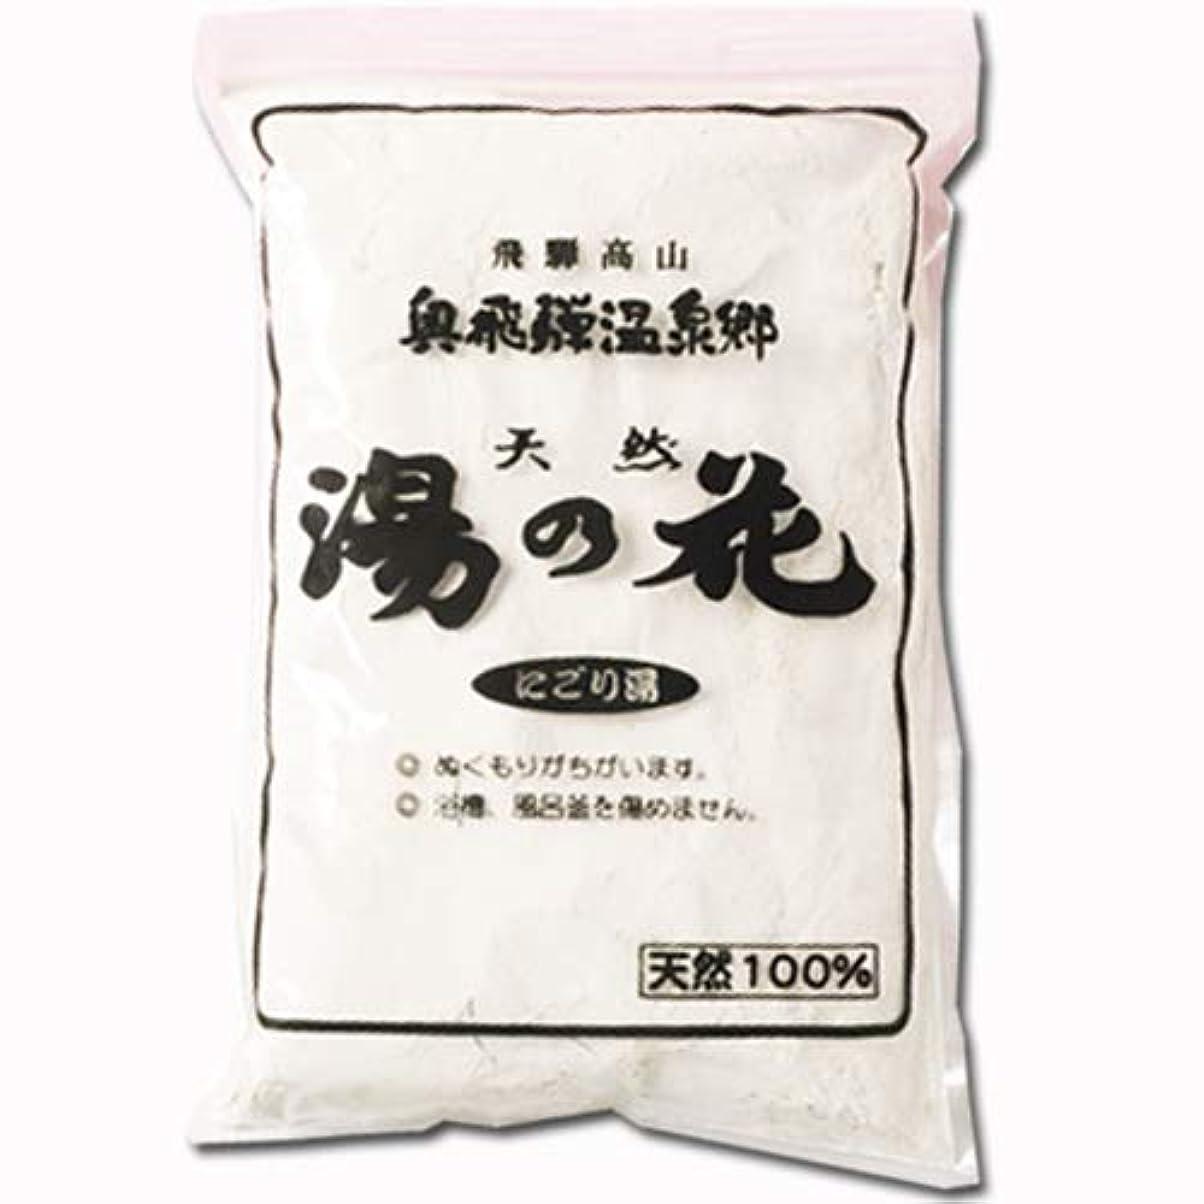 社説不透明な一回天然湯の花 (業務用) 1kg (飛騨高山温泉郷 にごり湯)